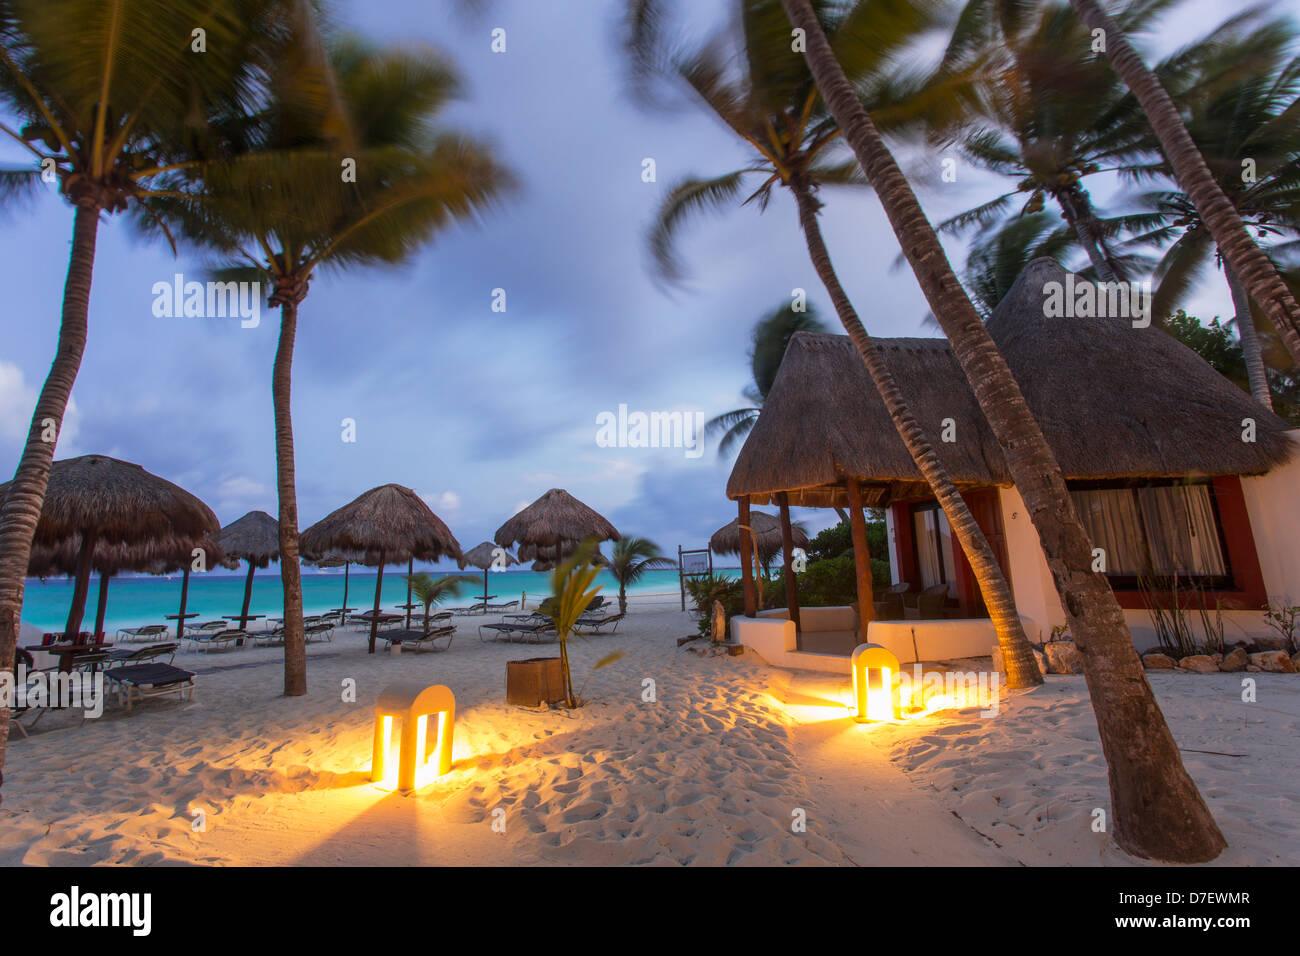 Hébergement de style cabana sur la plage entourée de palmiers à l'aube Photo Stock